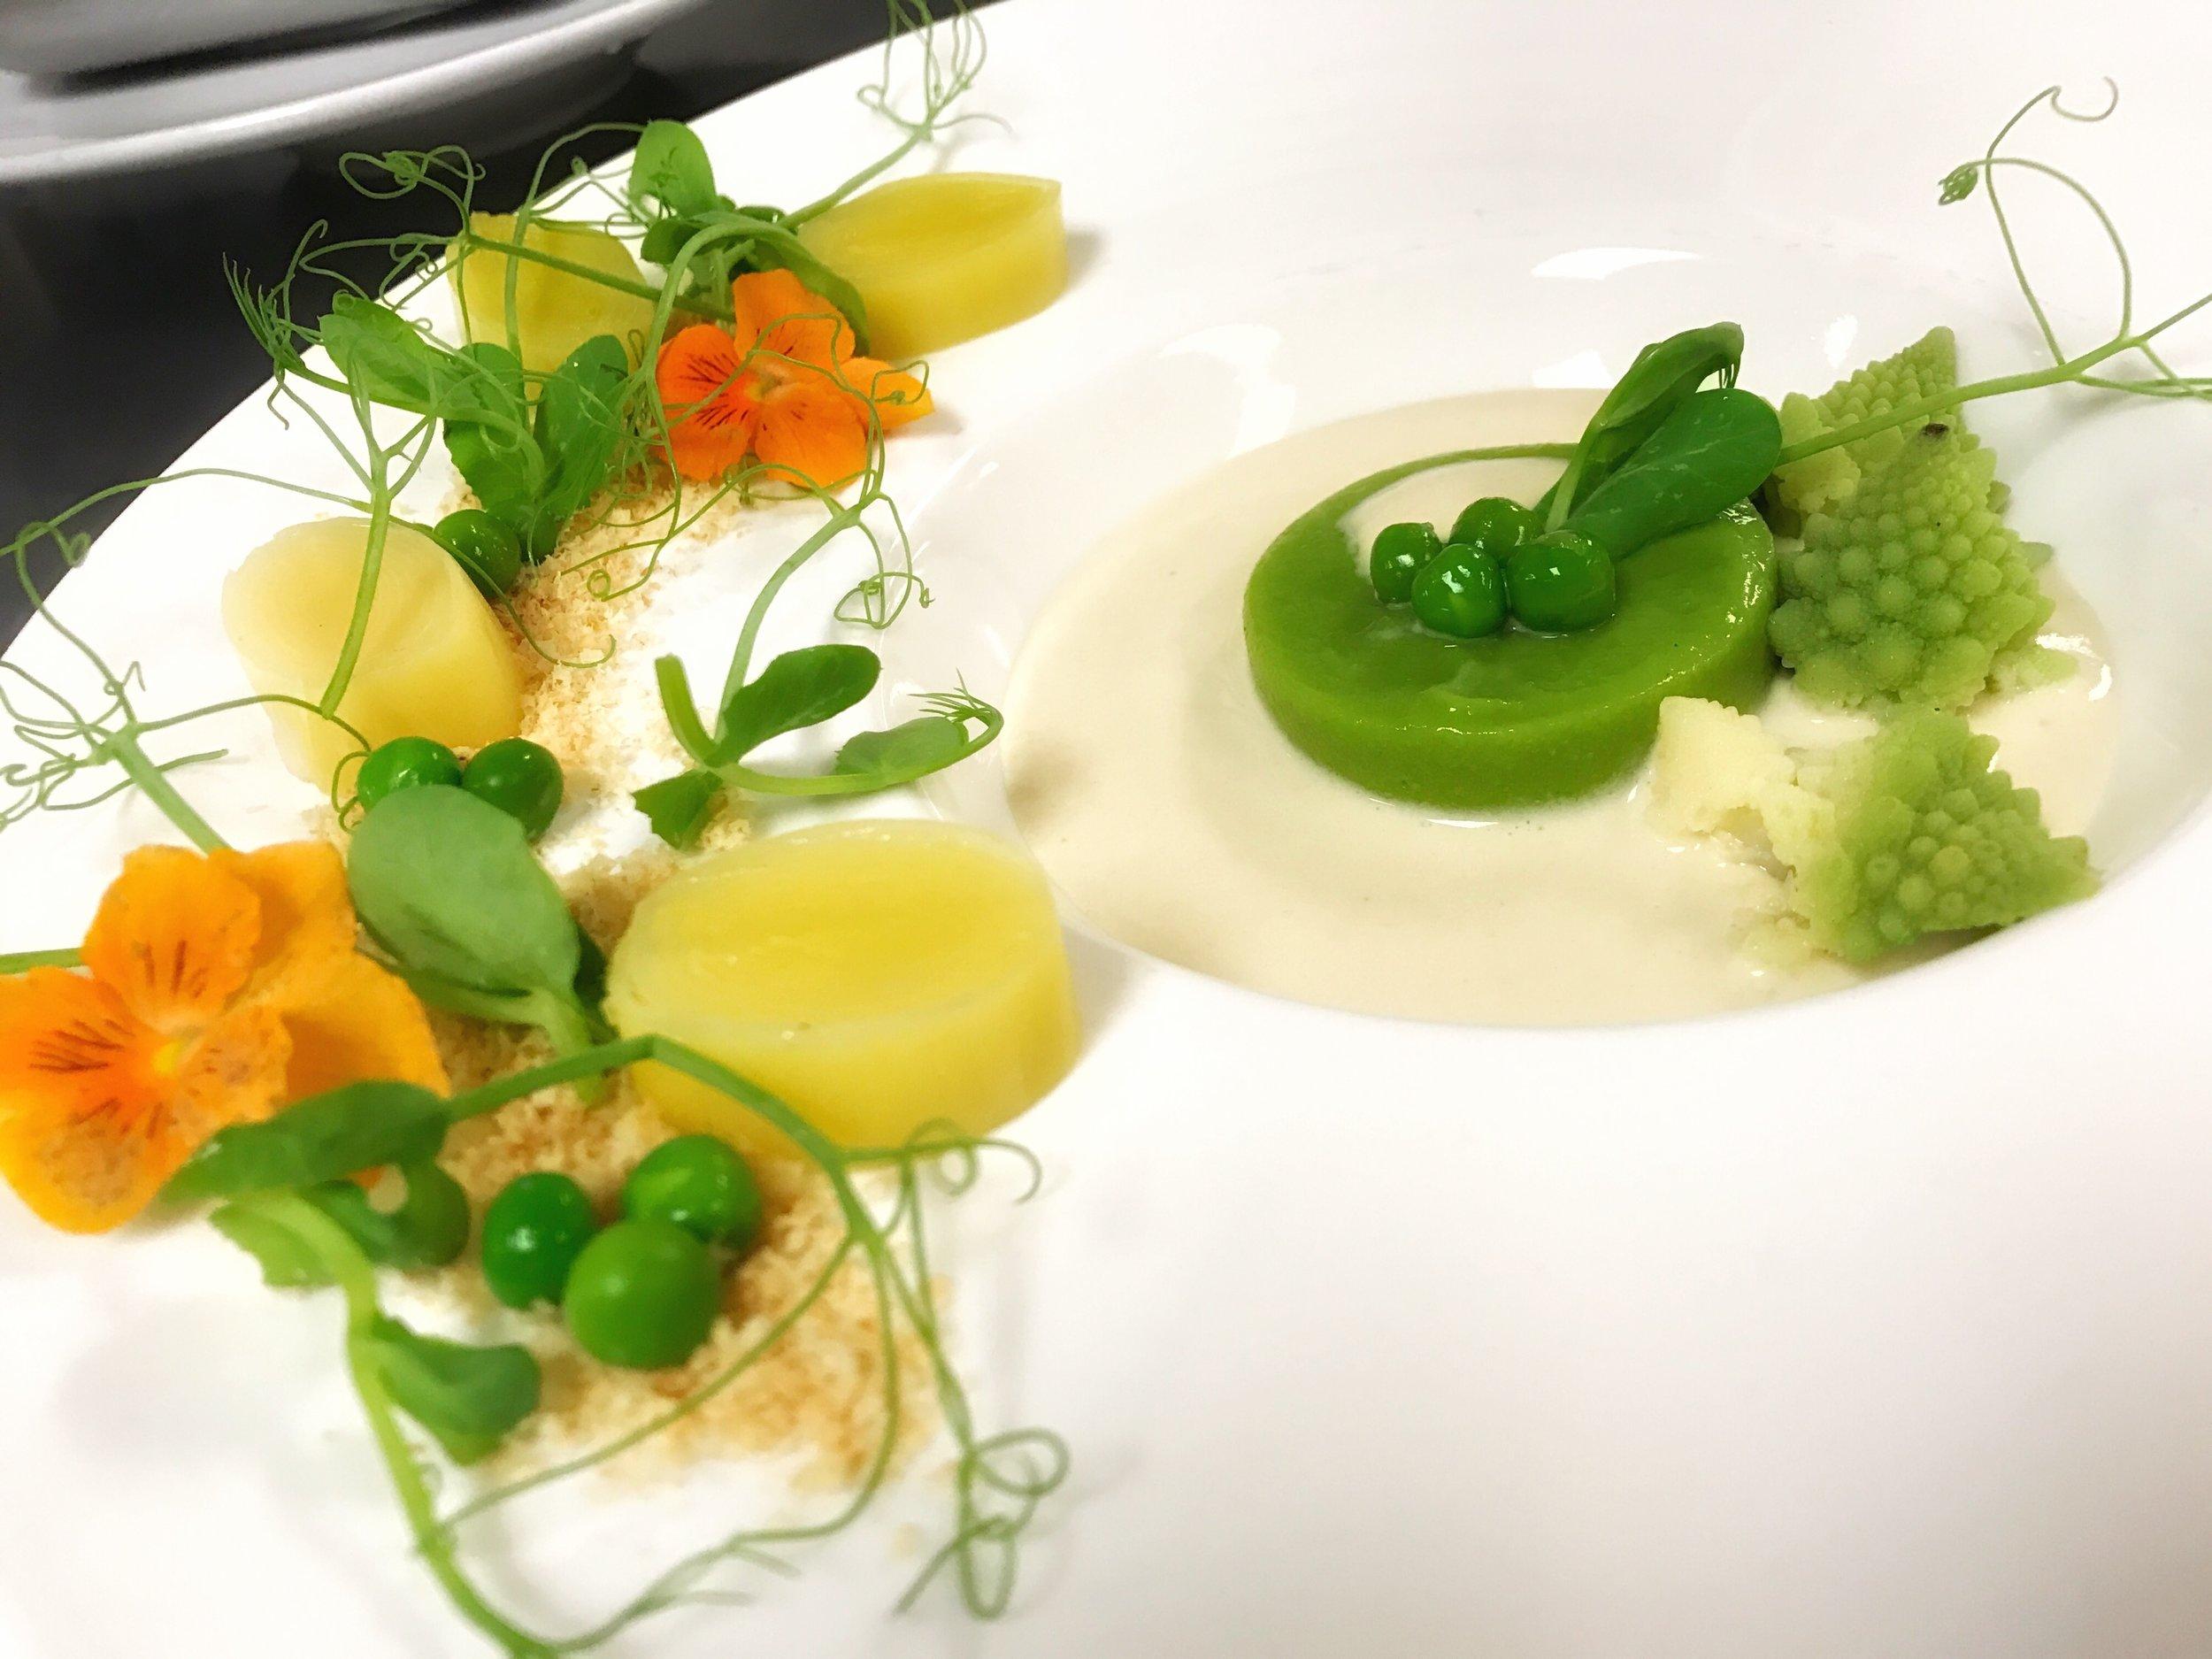 Thierry Isambert's Vegetarian Potato & Leek Soup